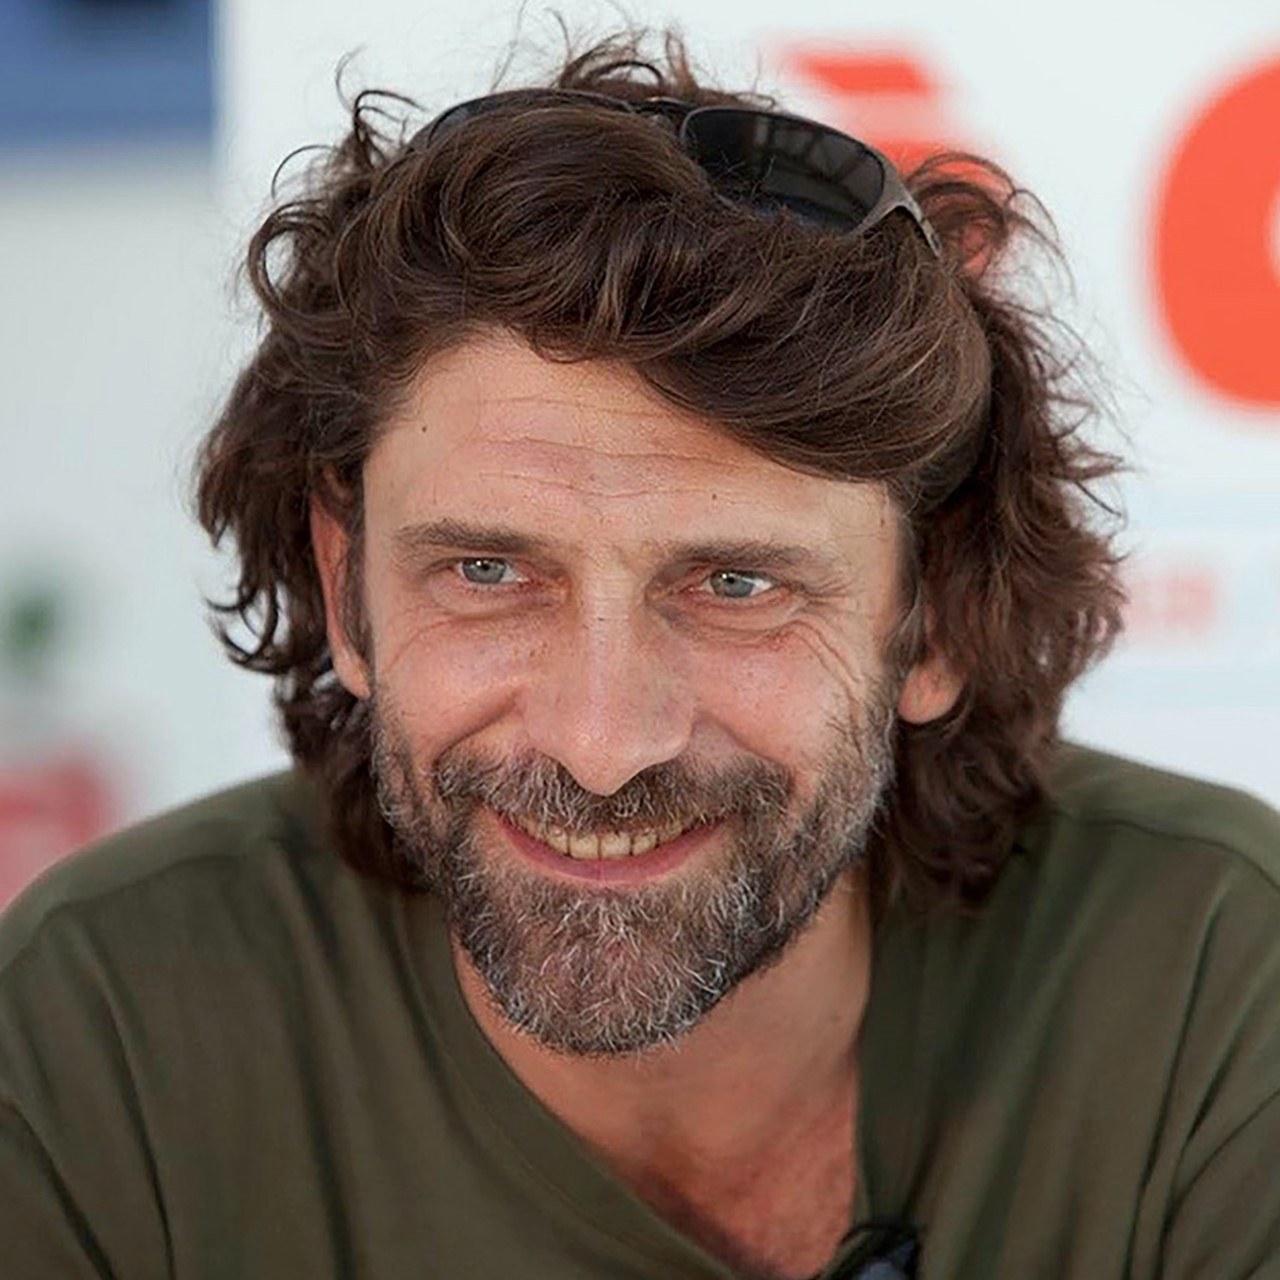 Francesco Fei